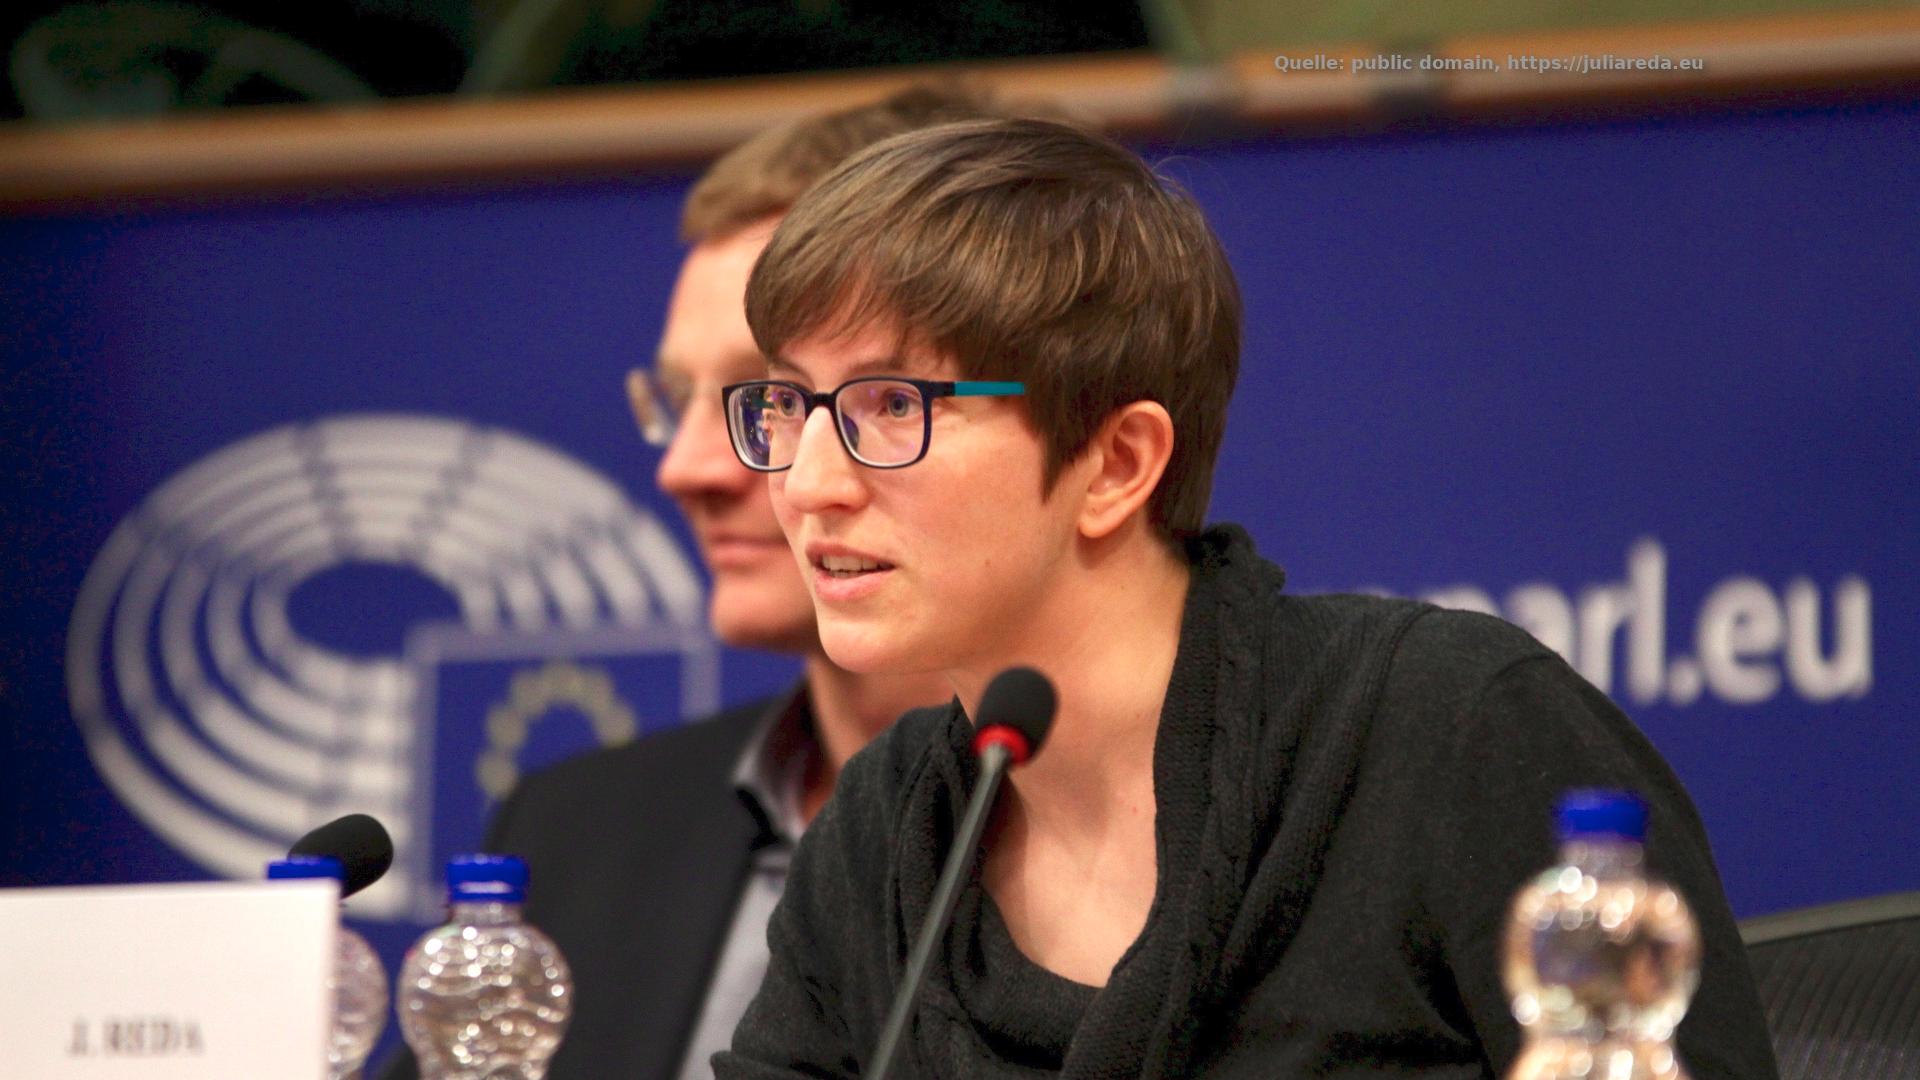 Julia Reda-Artikel13-EU Parlament-Brüssel-Urheberrecht